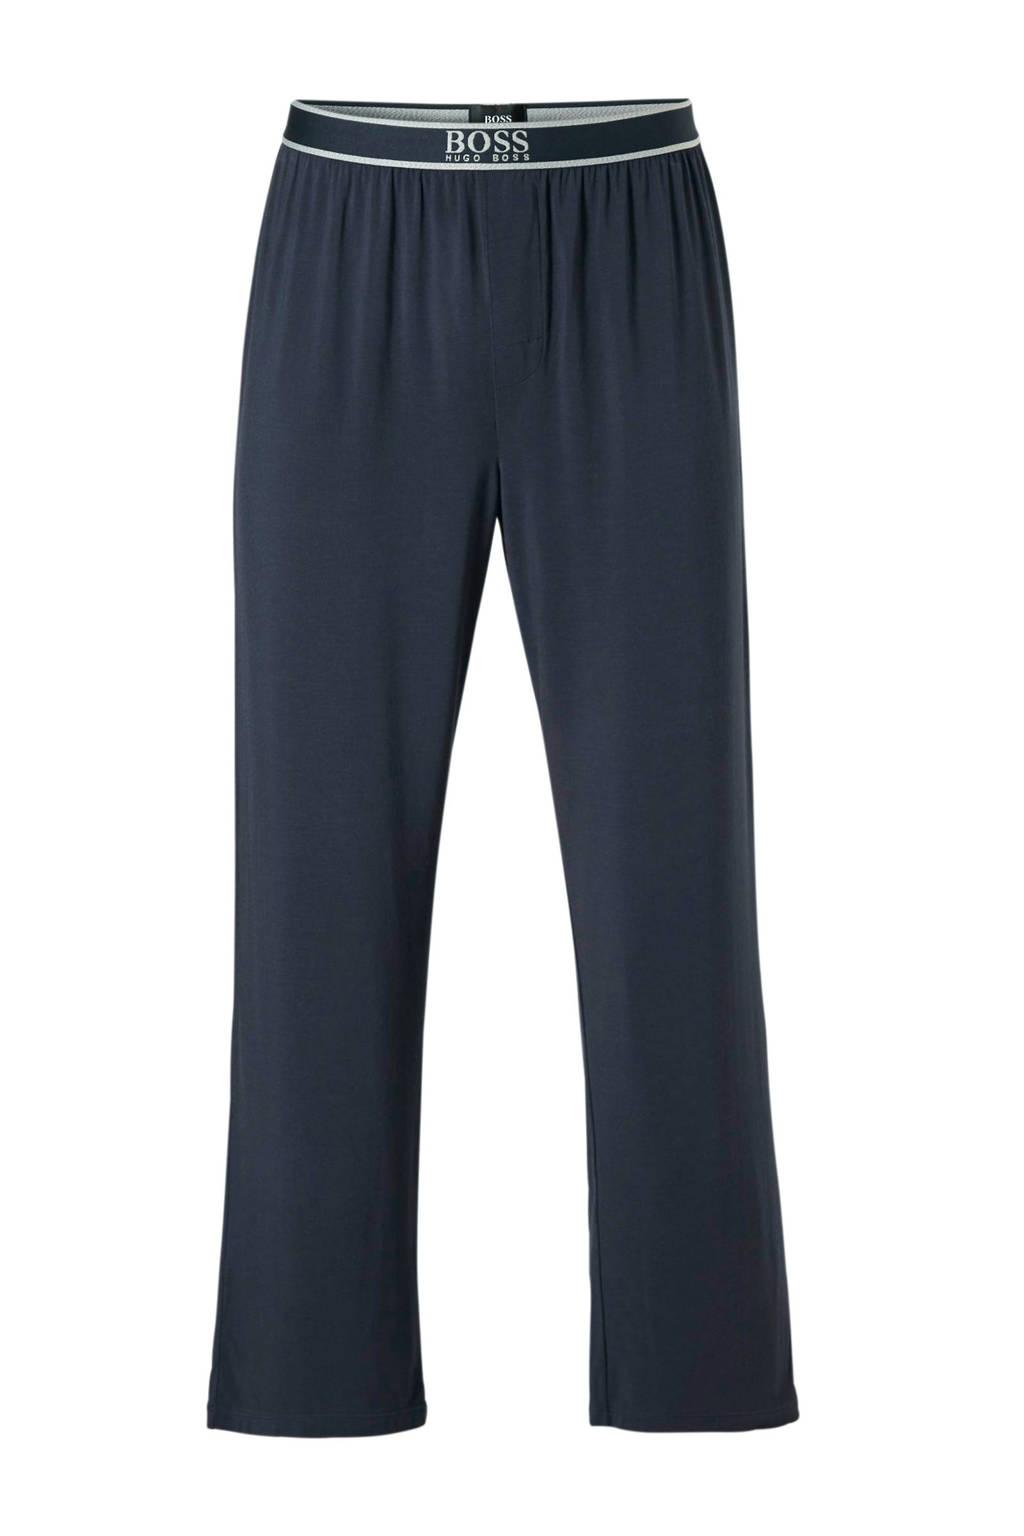 Boss pyjamabroek met modal blauw, Blauw